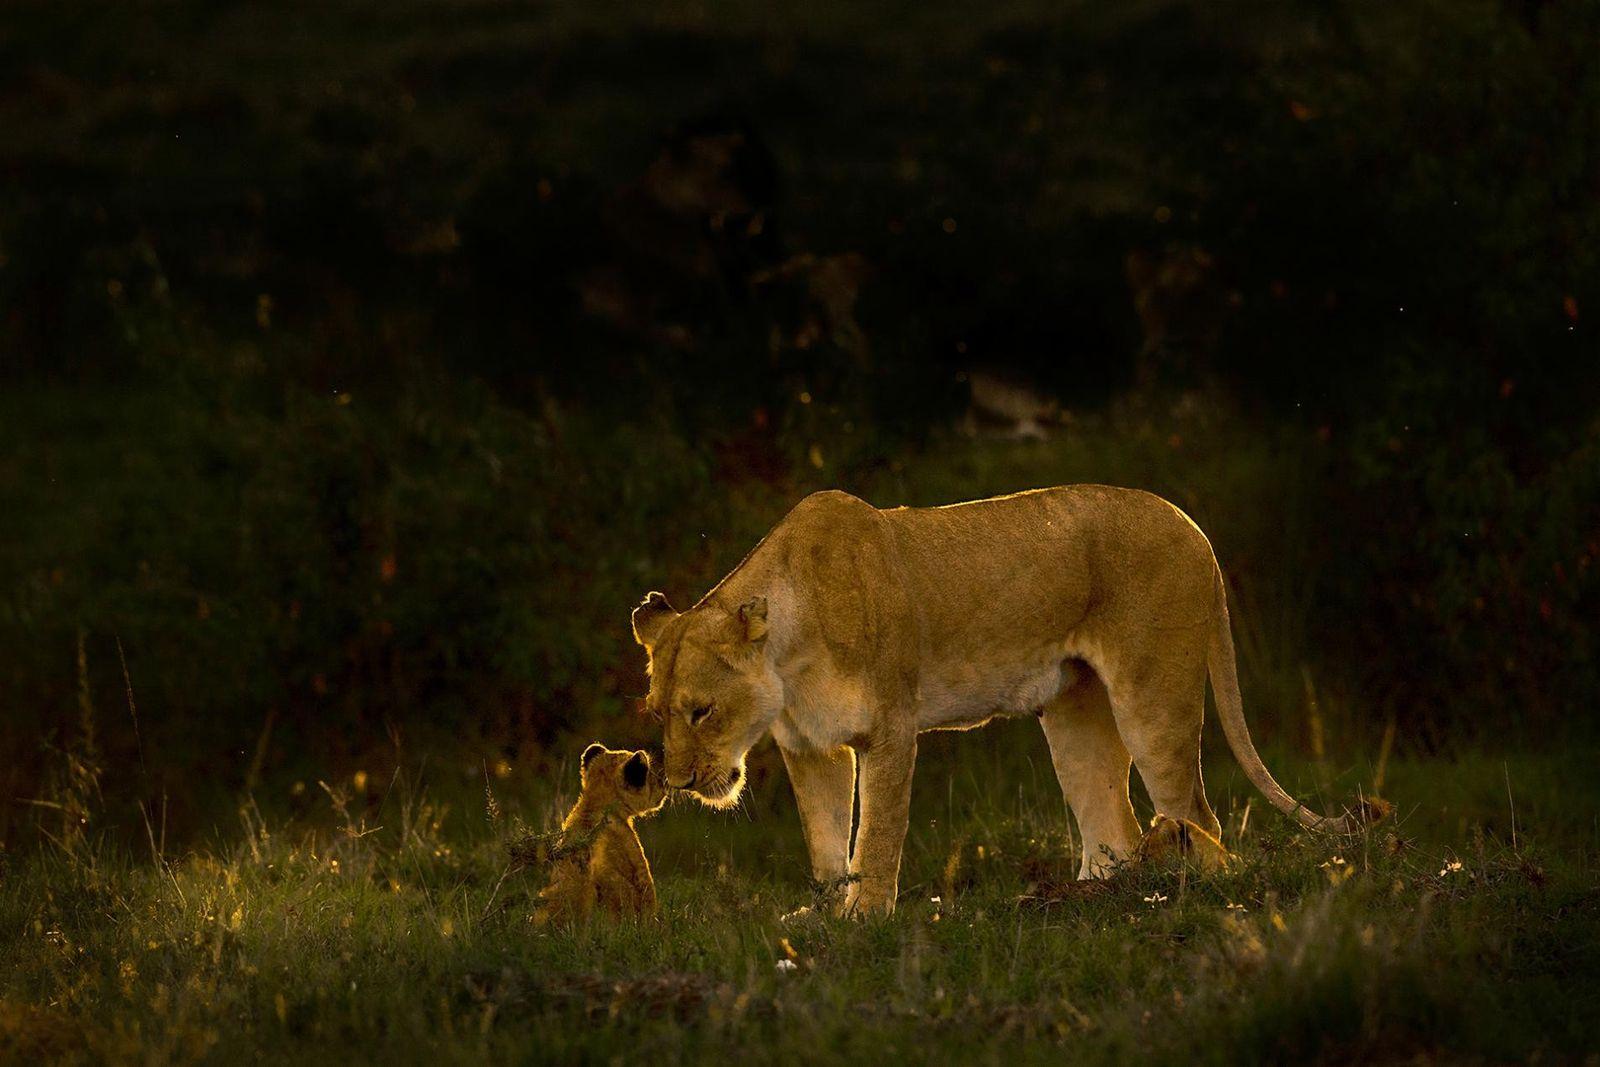 Le monde animal en 28 images sublimes